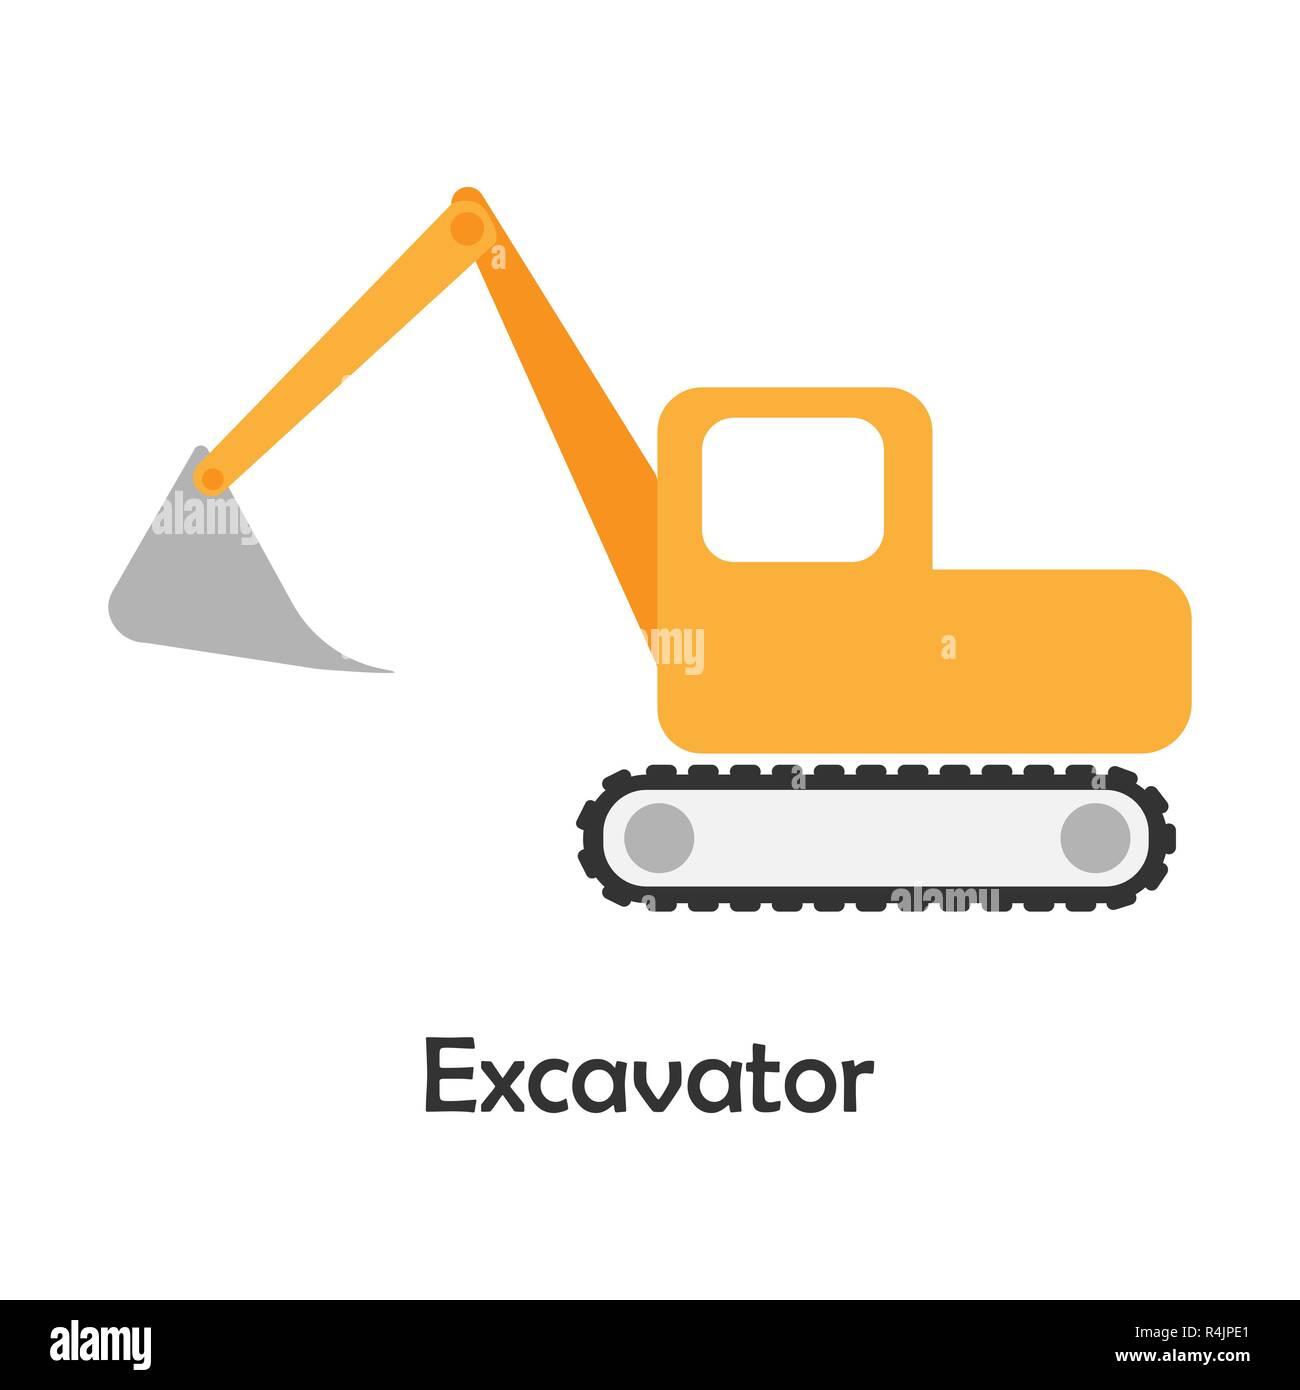 Icon Excavator Flat Design Stock Photos Amp Icon Excavator